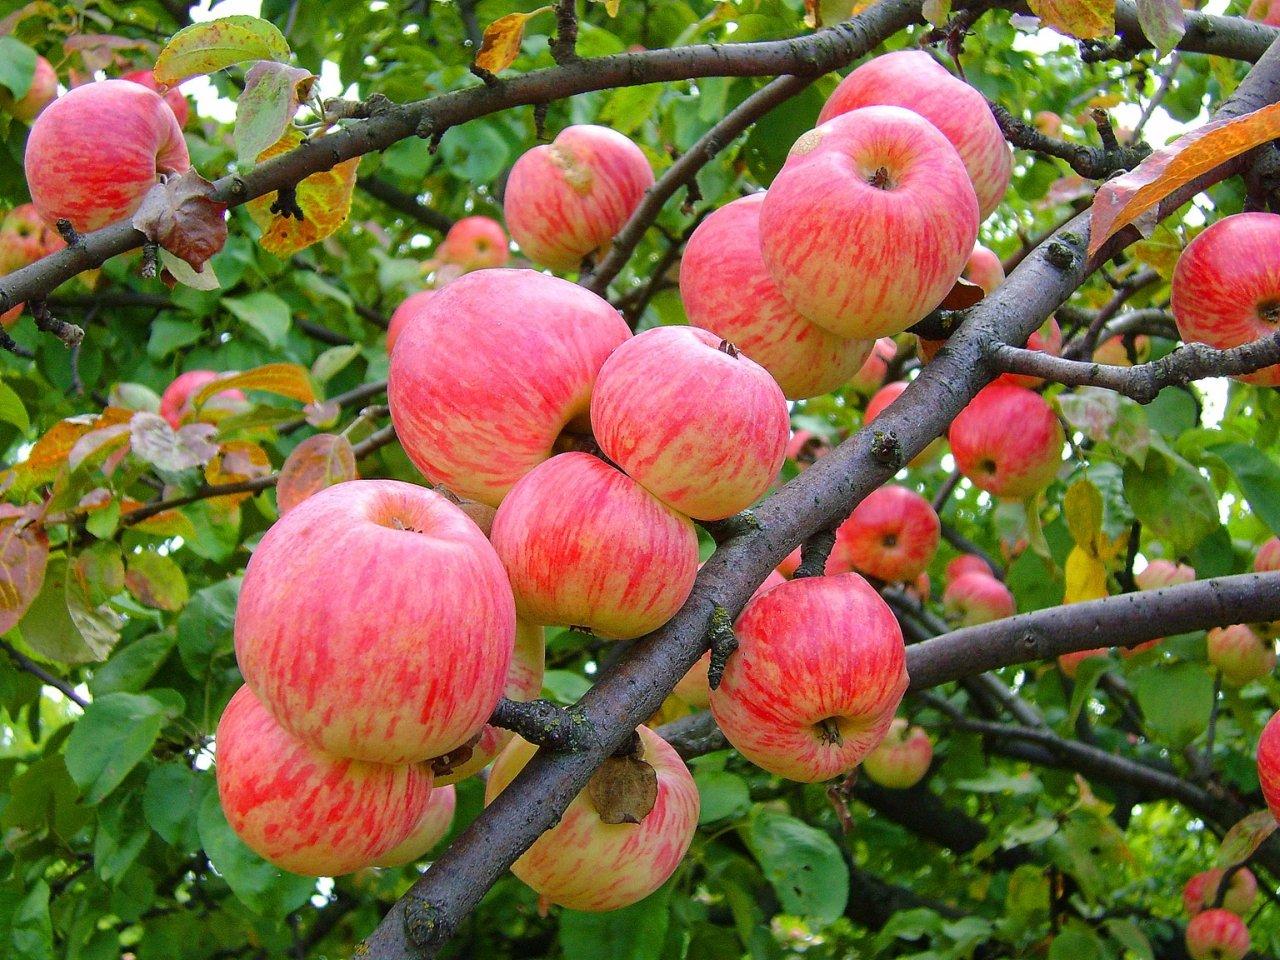 Праздник «Яблочный спас» 2016